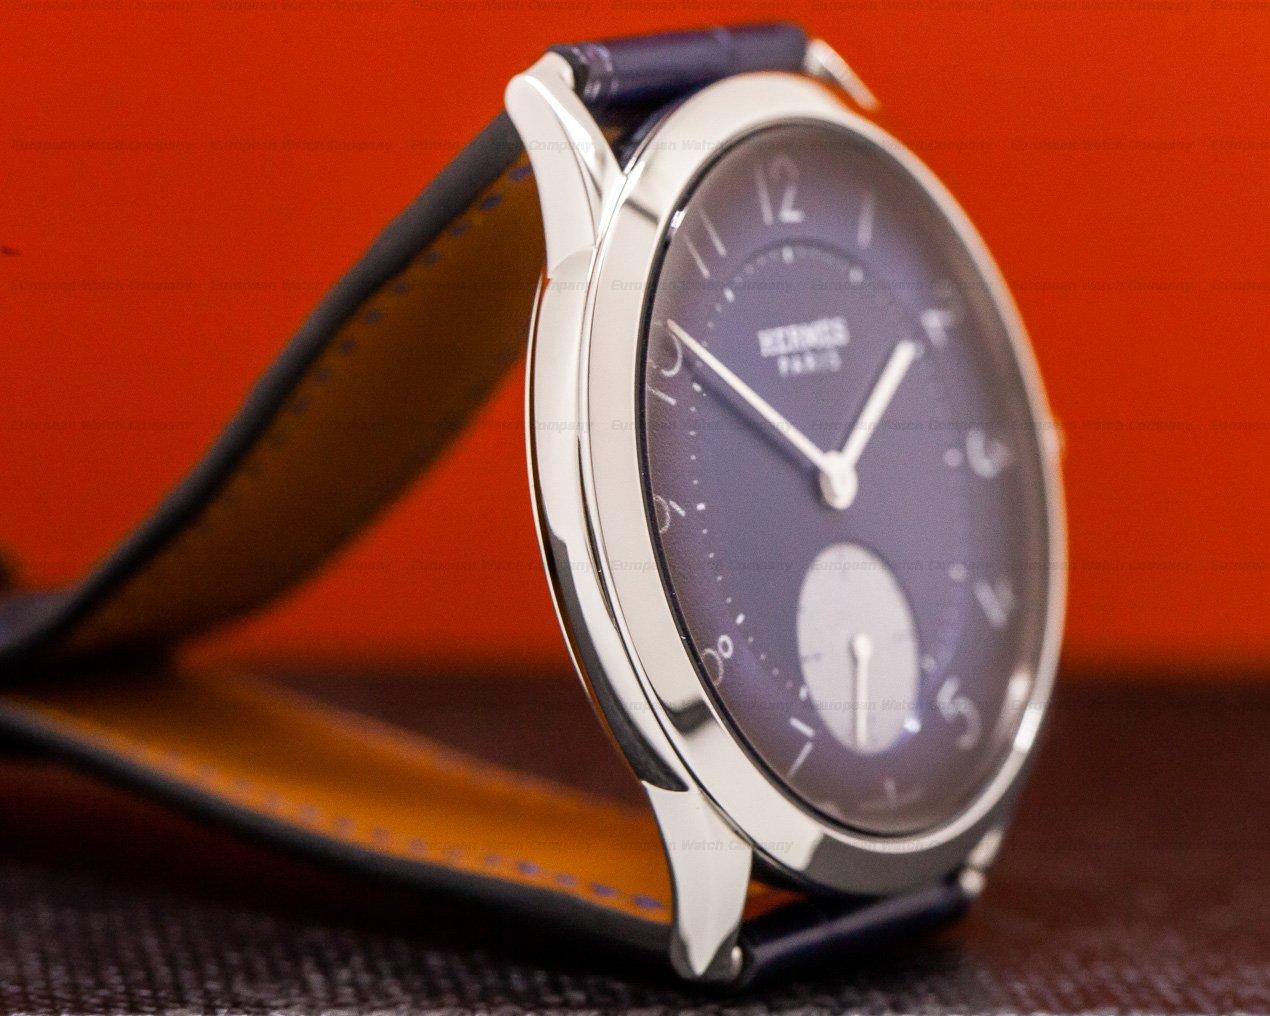 Hermes CA2.810a Hodinkee Slim d' Hermes for Hodinkee